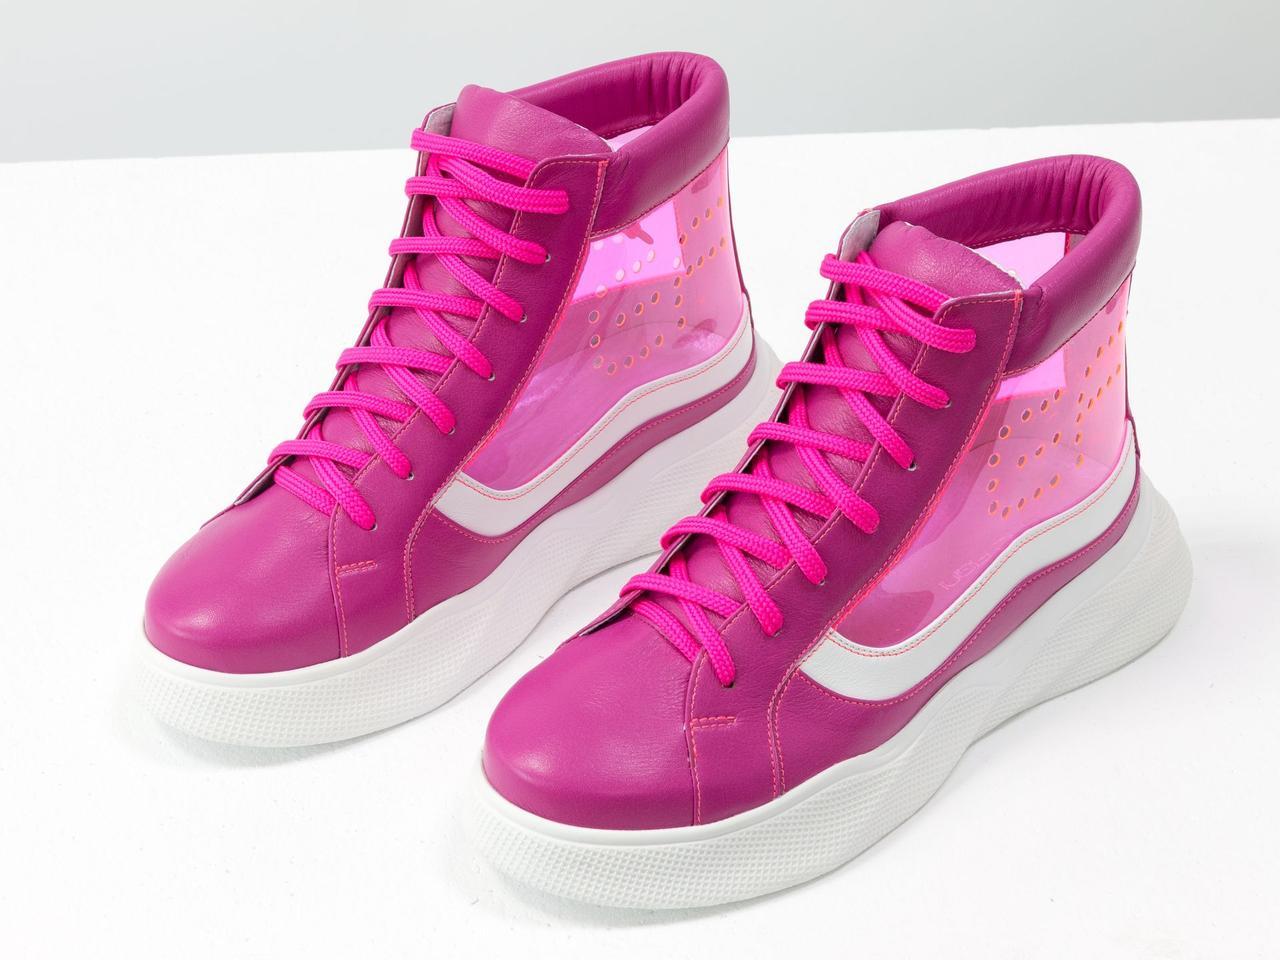 Дизайнерские прозрачные ботинки из натуральной кожи малинового и белого цвета со вставками из мягкого силикона - фото 2